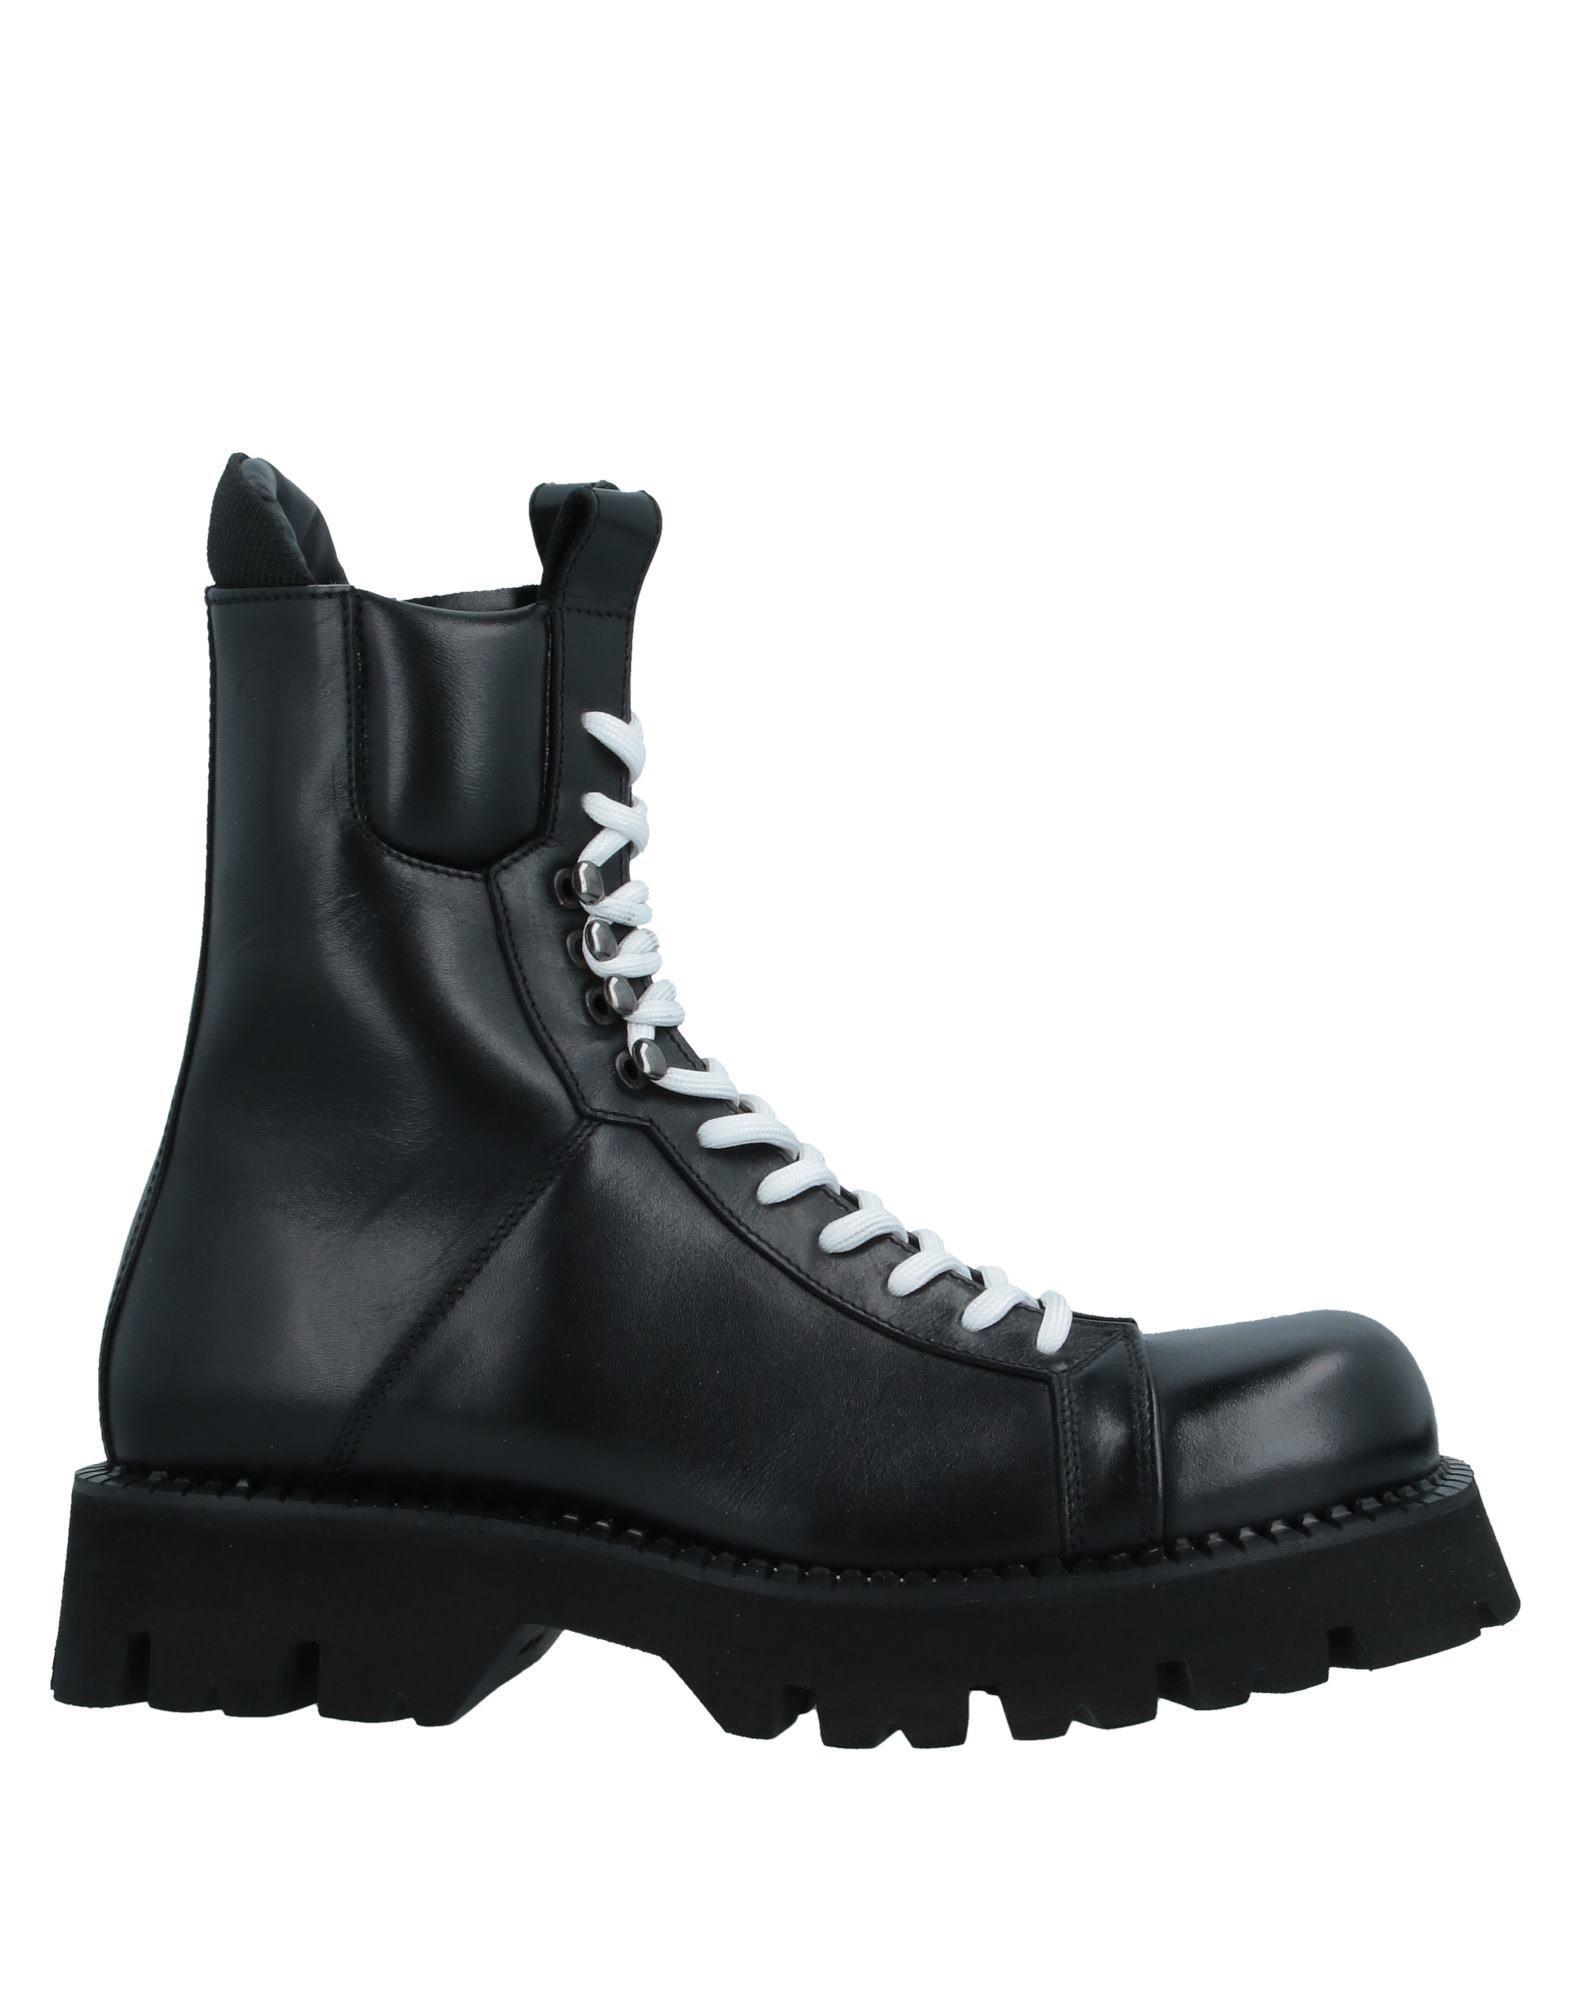 ATTIMONELLI'S メンズ ブーツ ブラック